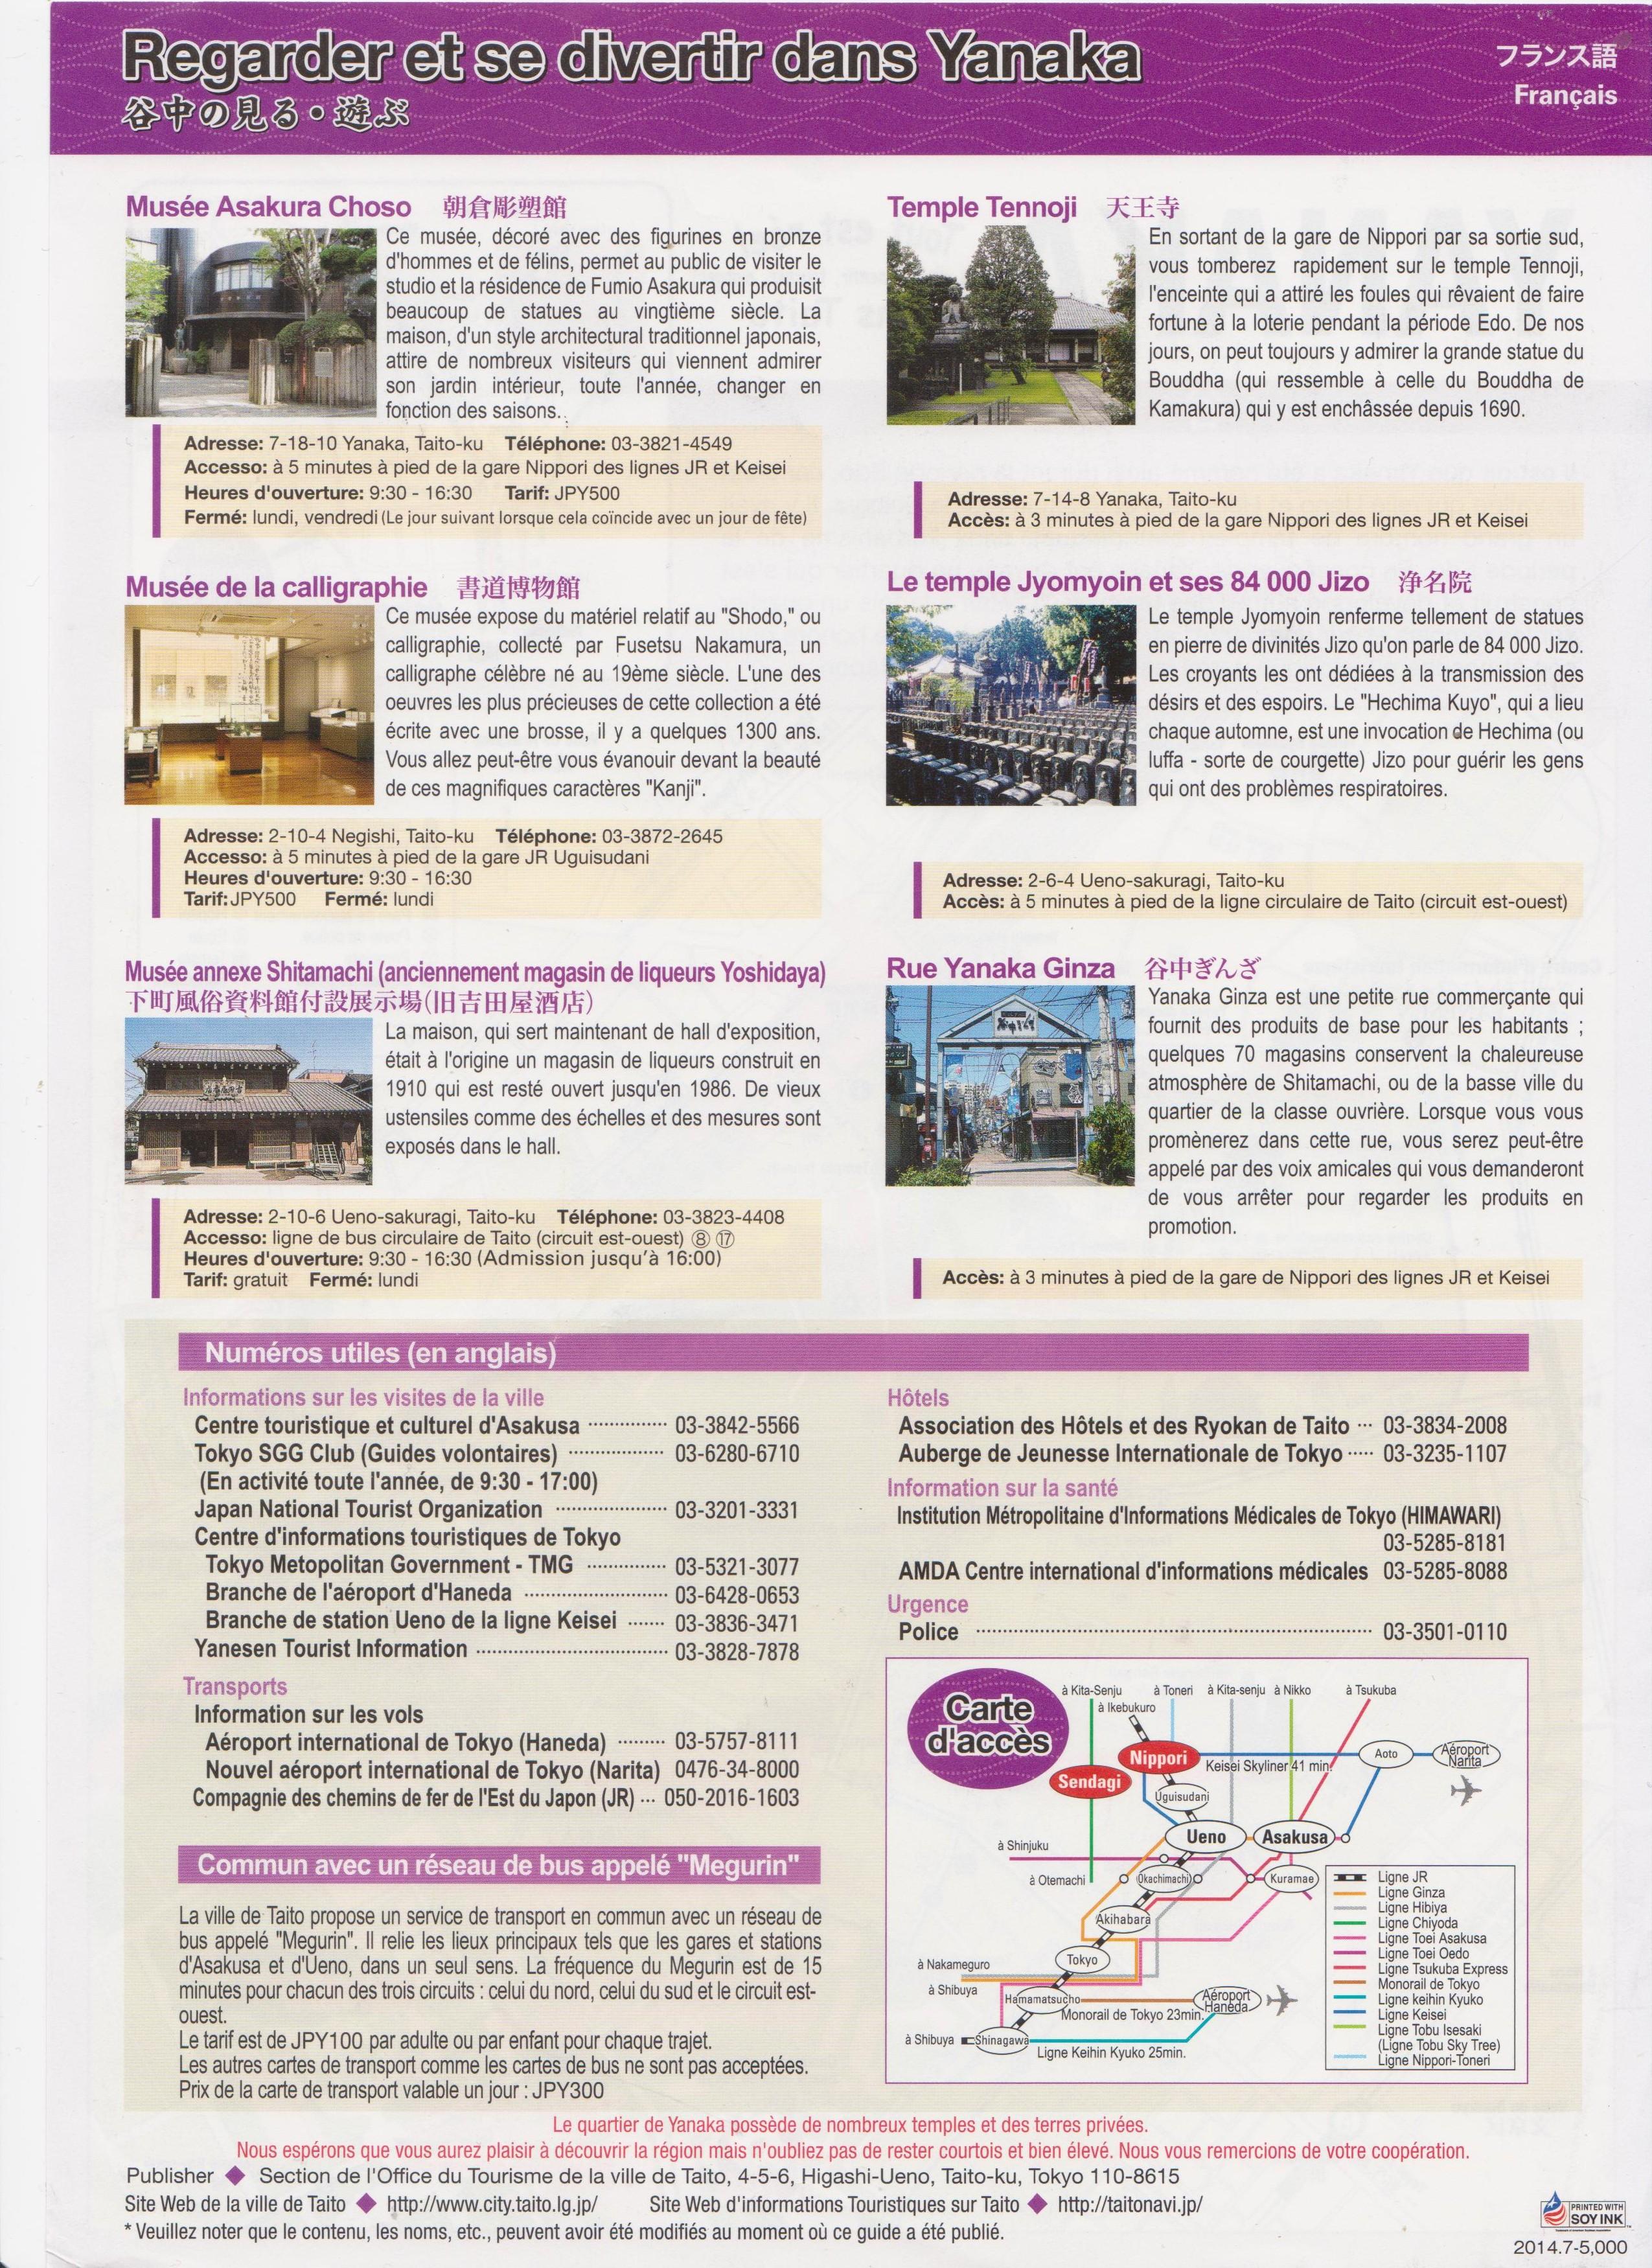 Le guide de Tokyo - Air France